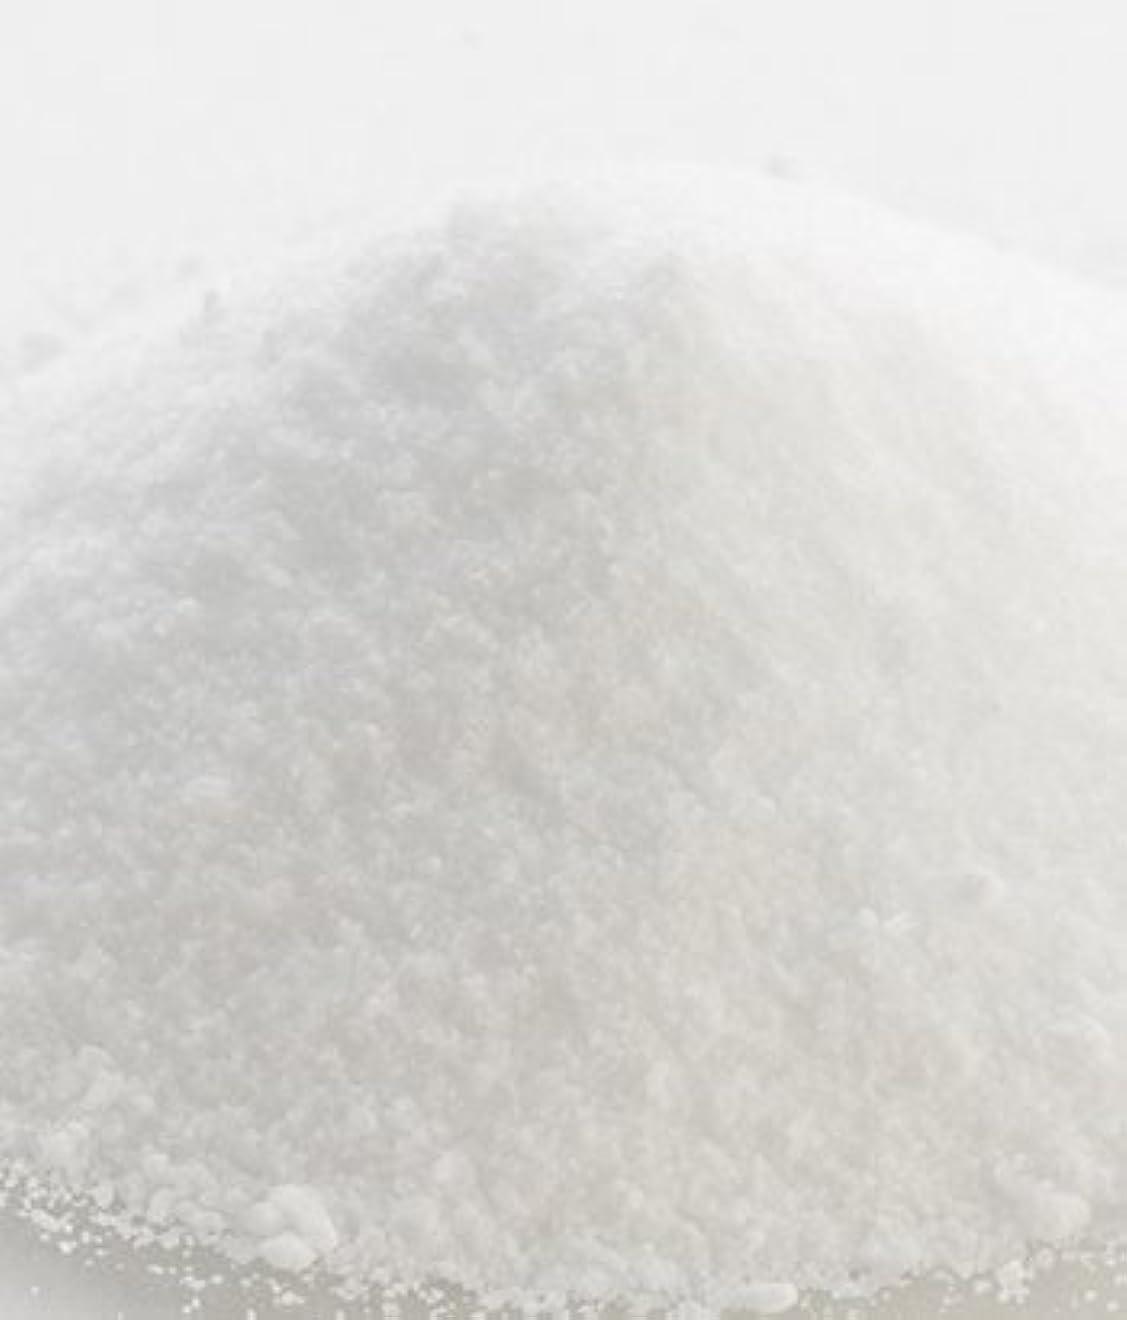 経済的に対処するもろいビタミンC誘導体原末?油溶性(エスターC)/10g